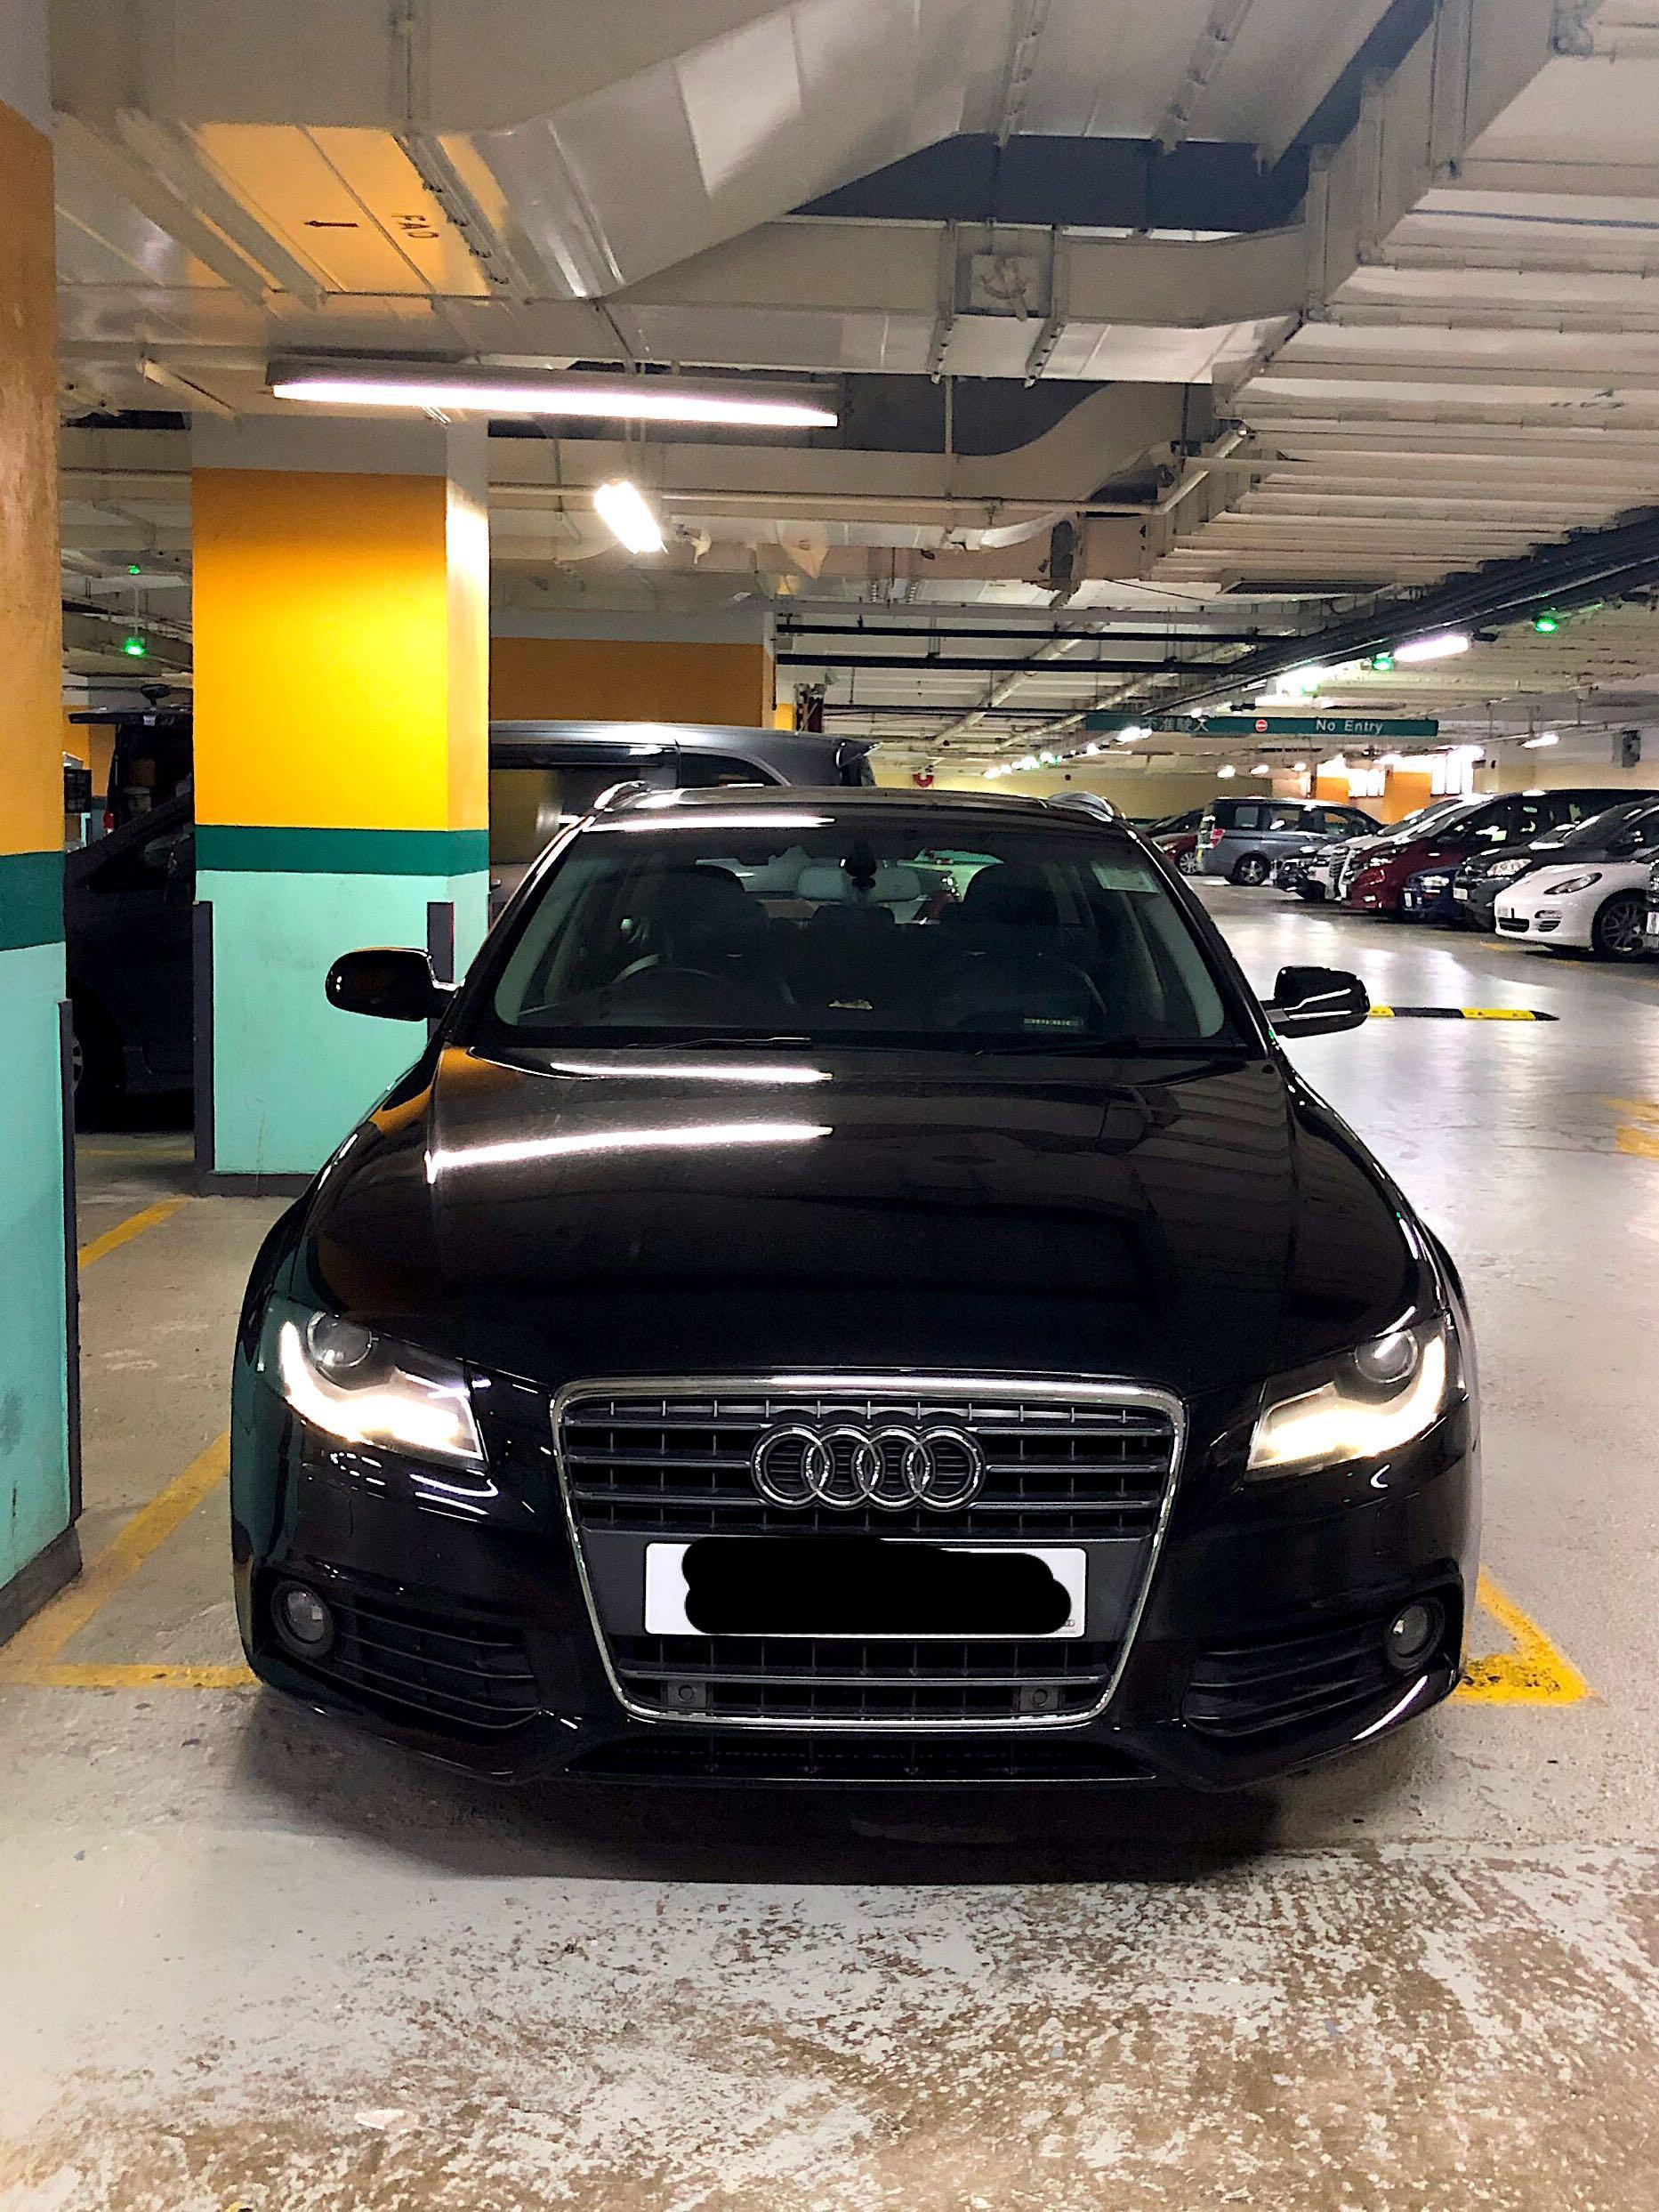 Audi A4 Avant 2.0 TFSI mu (A)